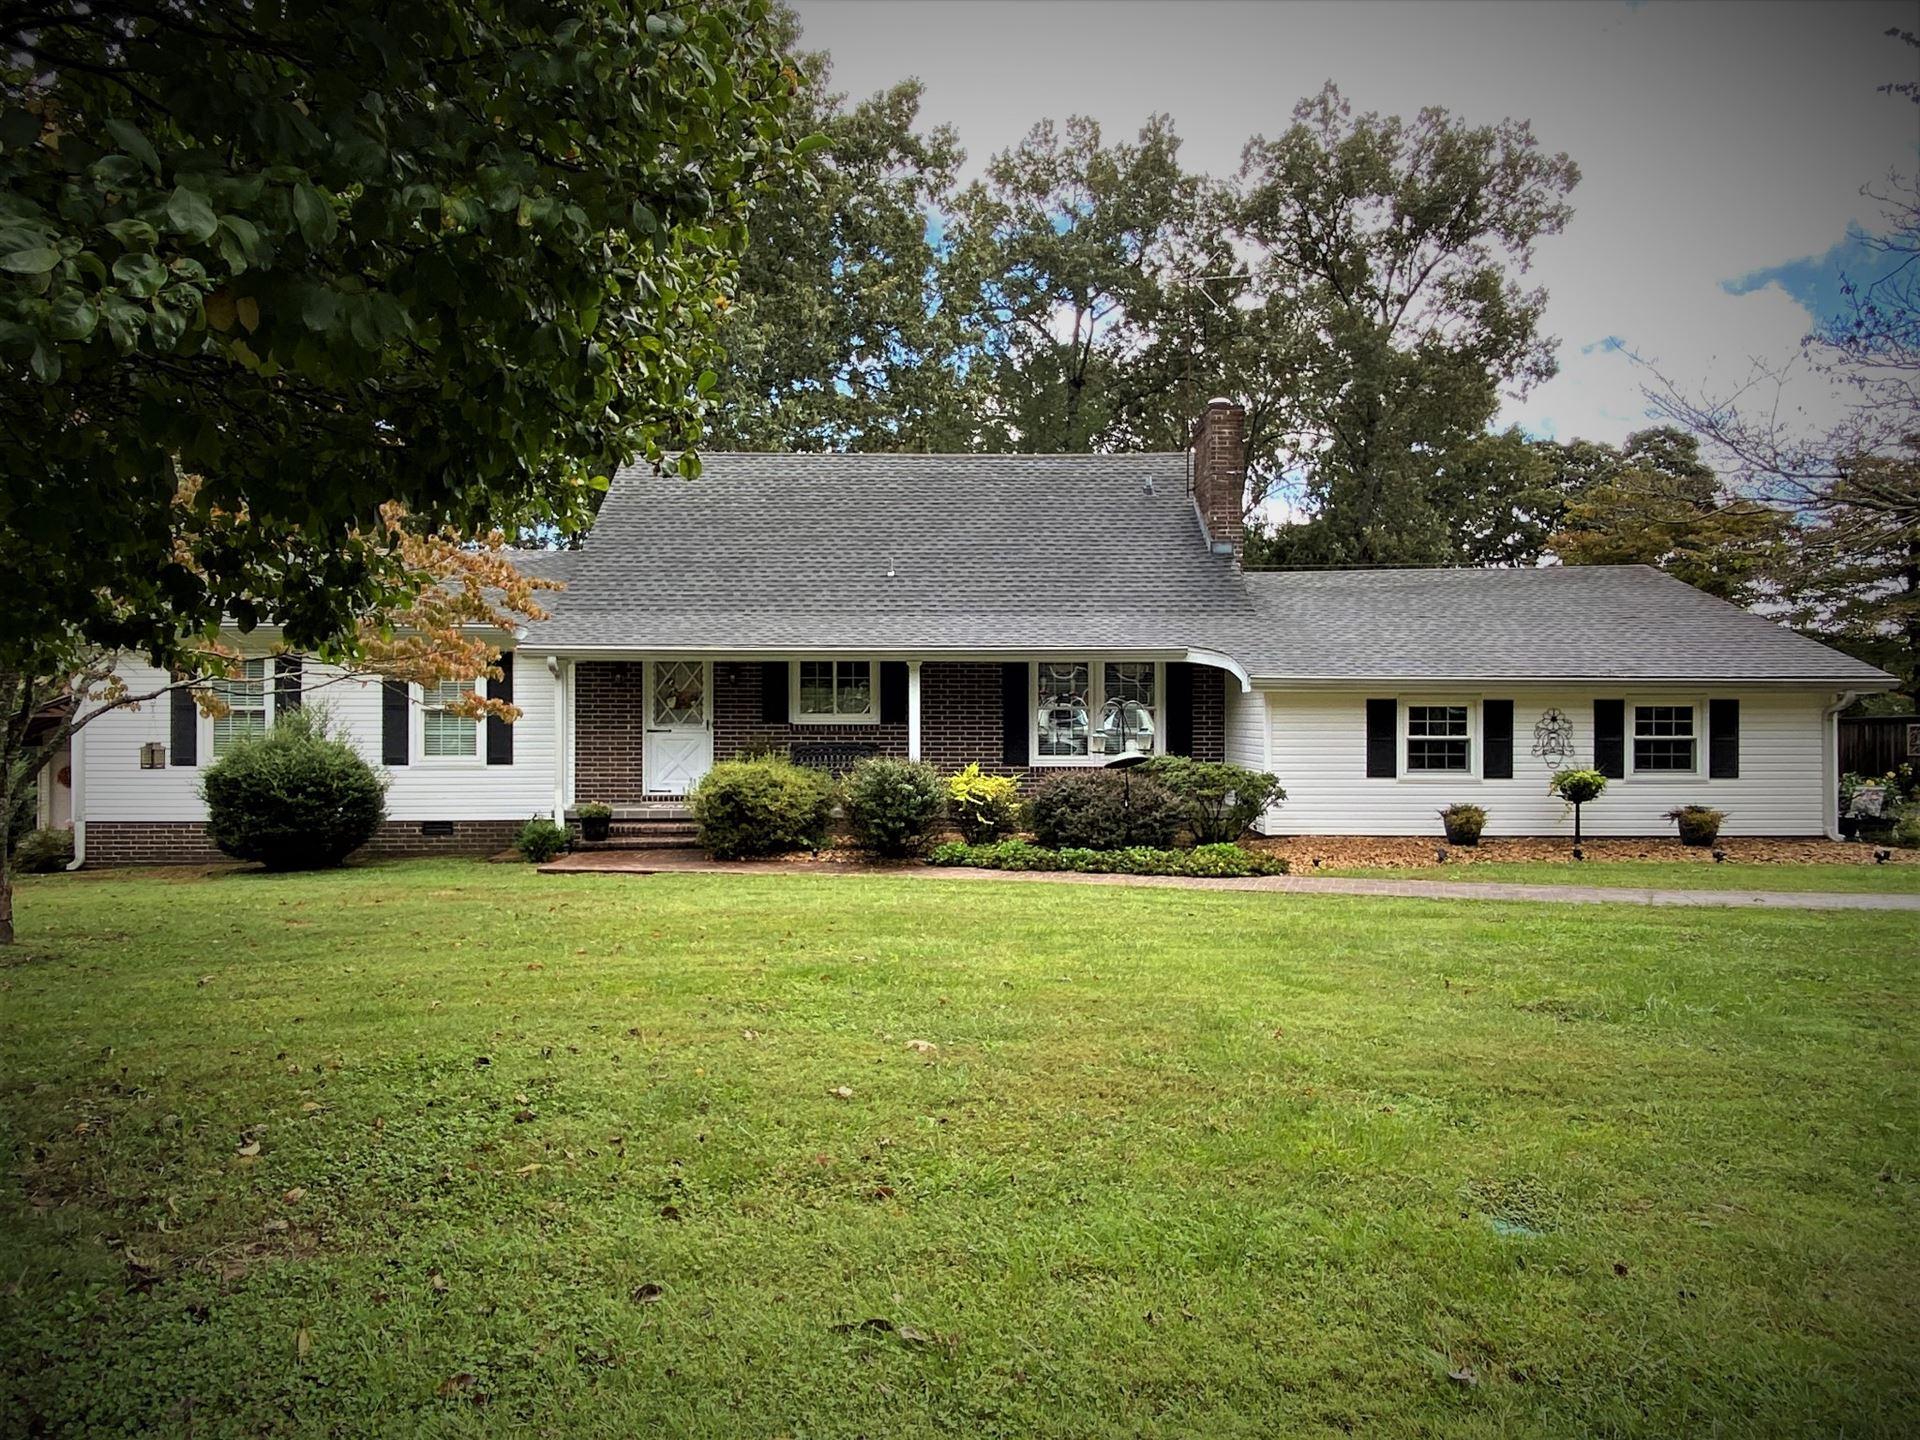 211 Kaywood Ave, Tullahoma, TN 37388 - MLS#: 2295408